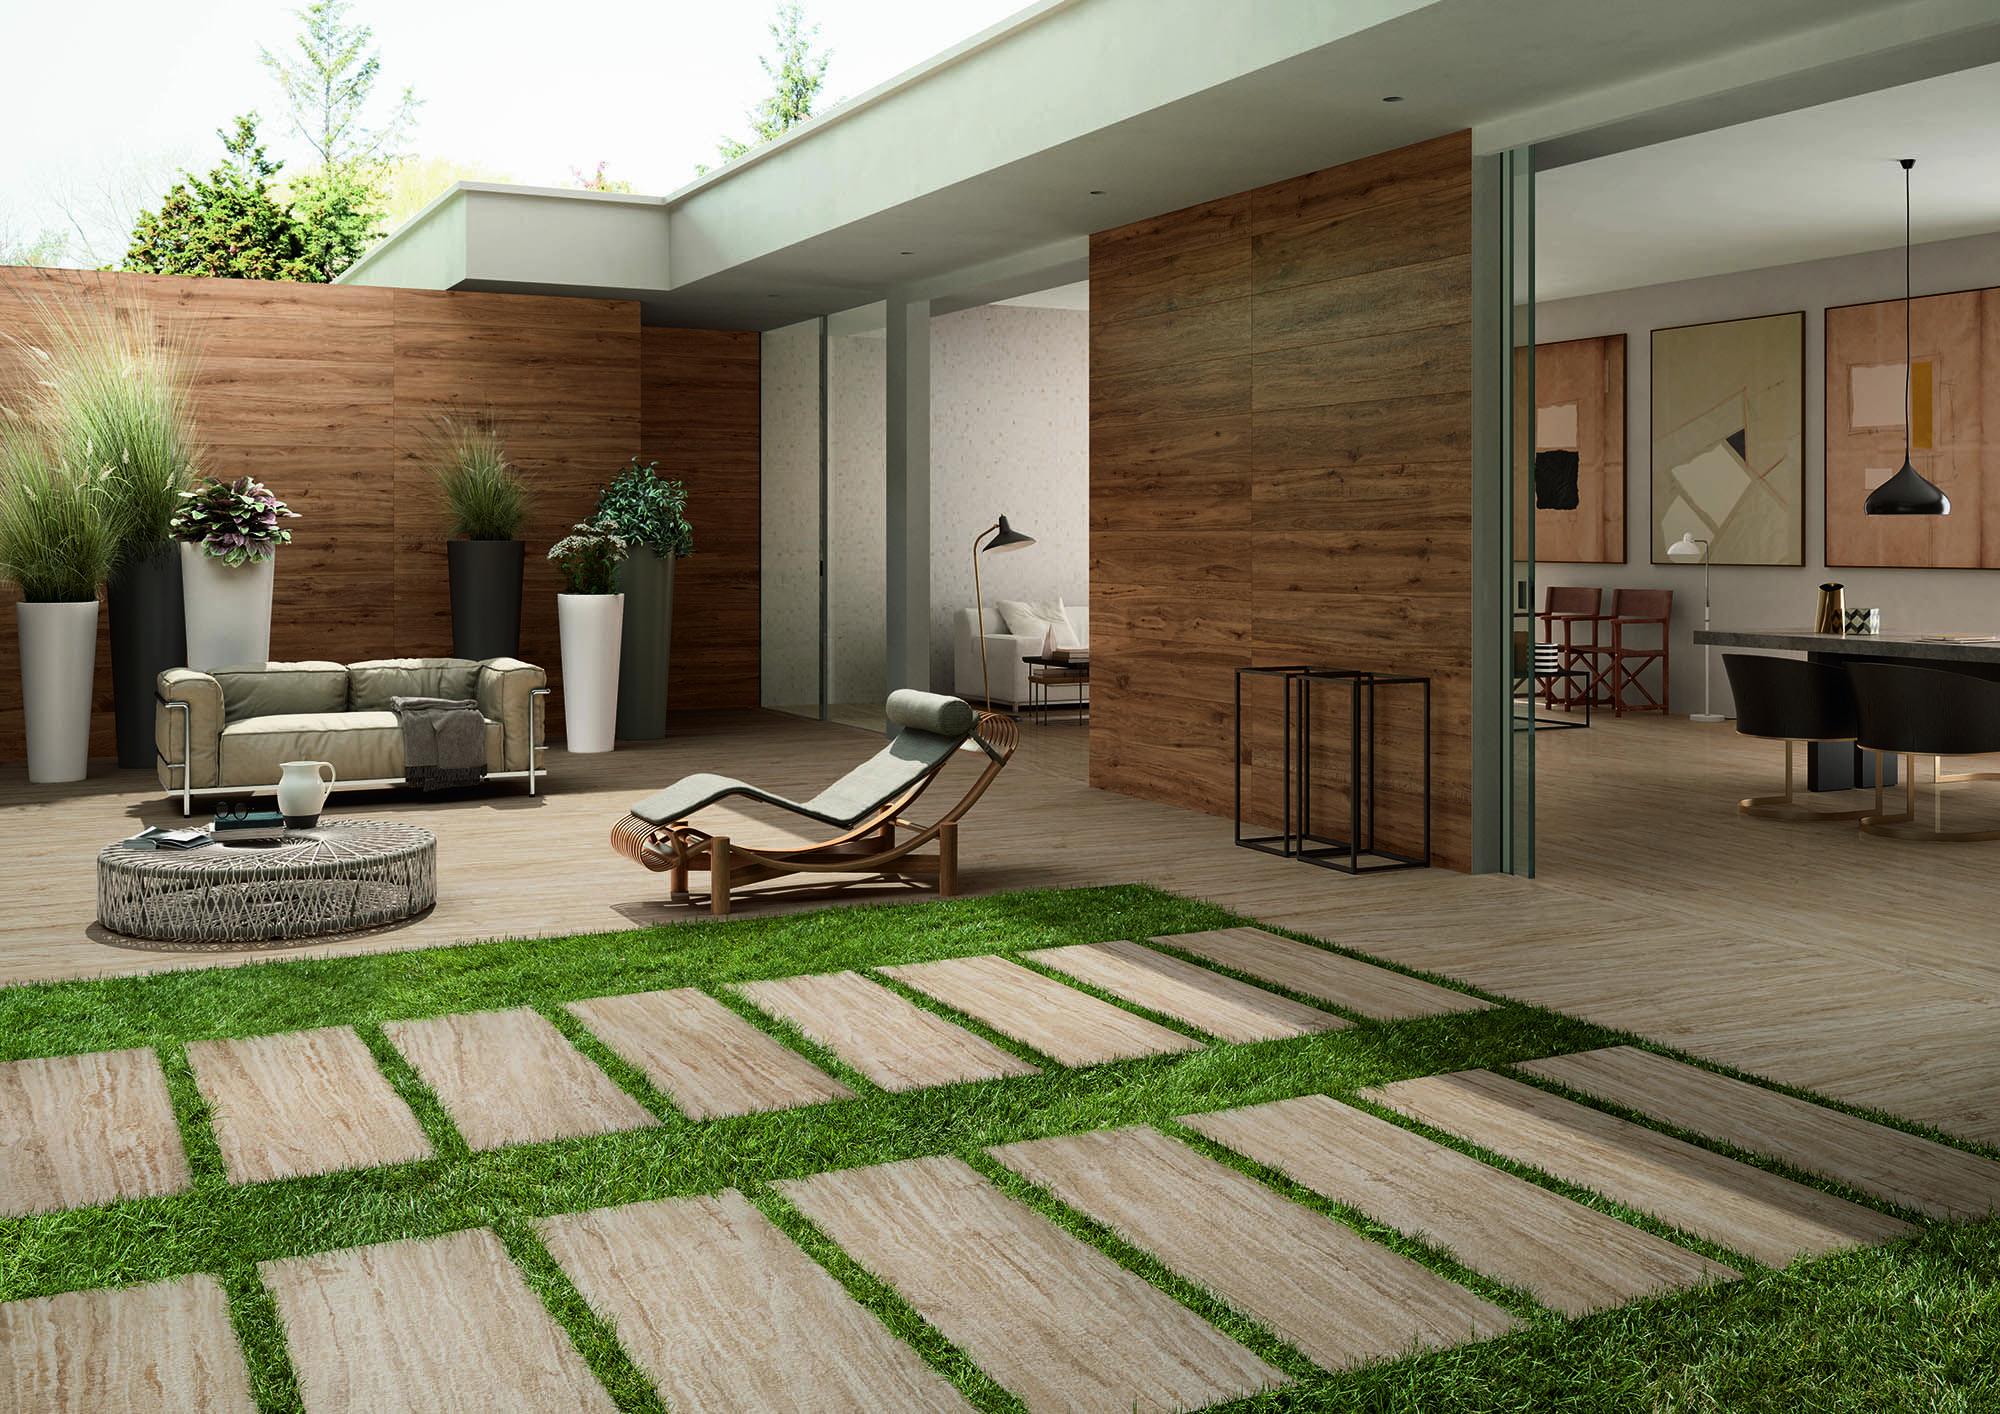 #Marazzi | #Allmarble | #porcelain | #tiles | #outdoor | #marbleeffect |  #20mm | #garden | #floor